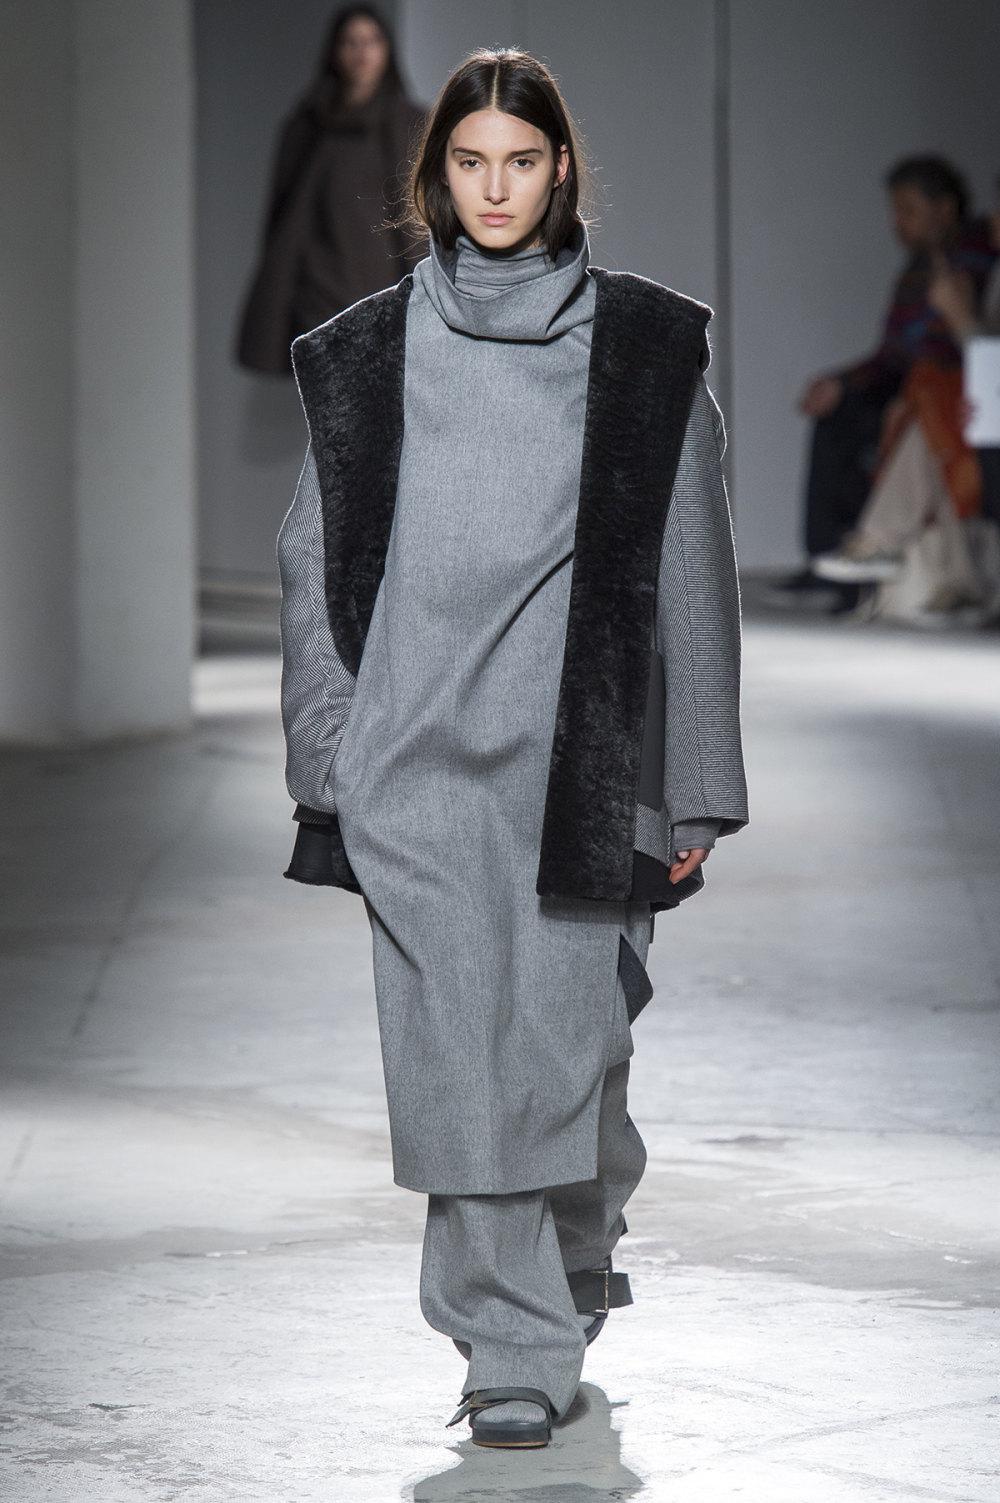 Agnona时装系列有纹理外套长而瘦有些穿着浴袍宽腿裤套装有巧克力-29.jpg